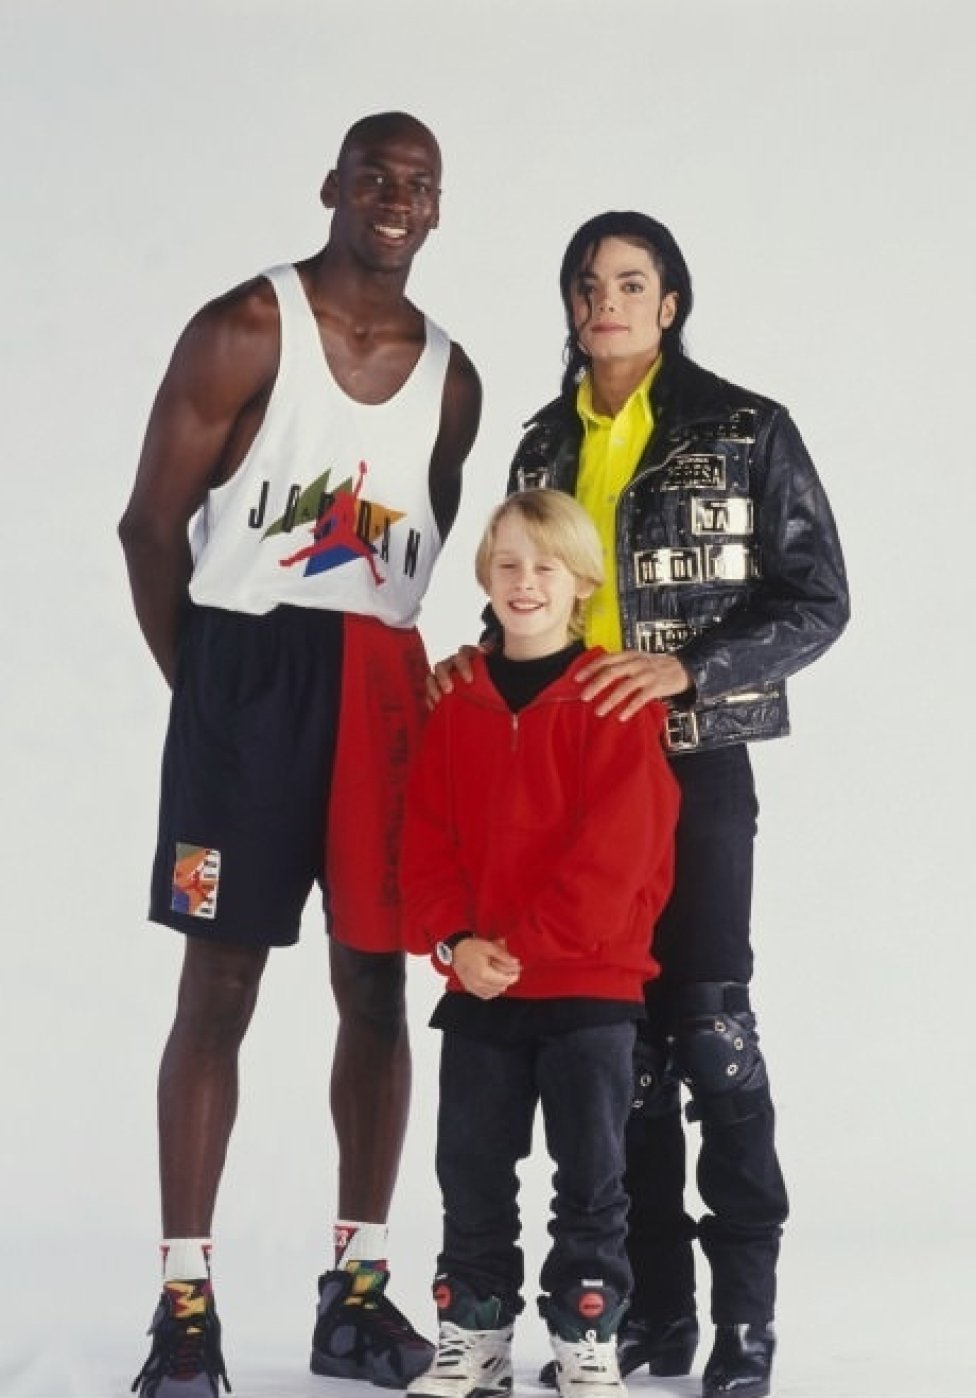 10 Imágenes Inéditas De Michael Jordan As Usa